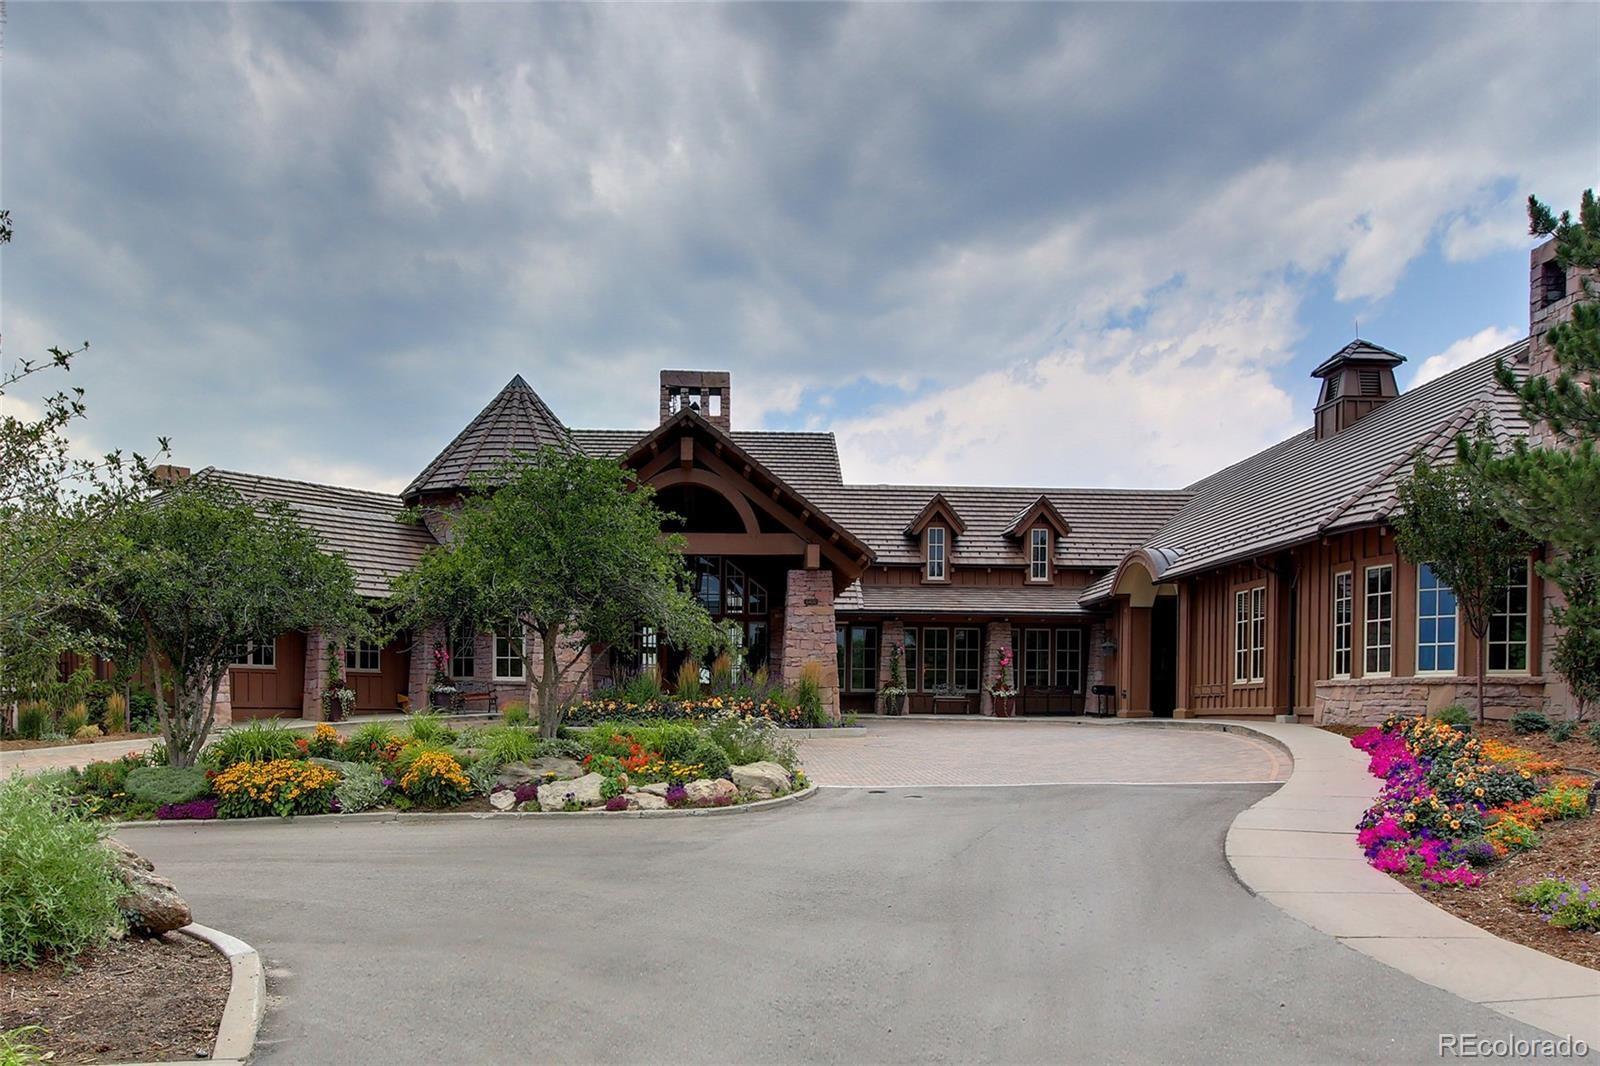 MLS# 3450406 - 21 - 6713 Handies Peak Court, Castle Rock, CO 80108